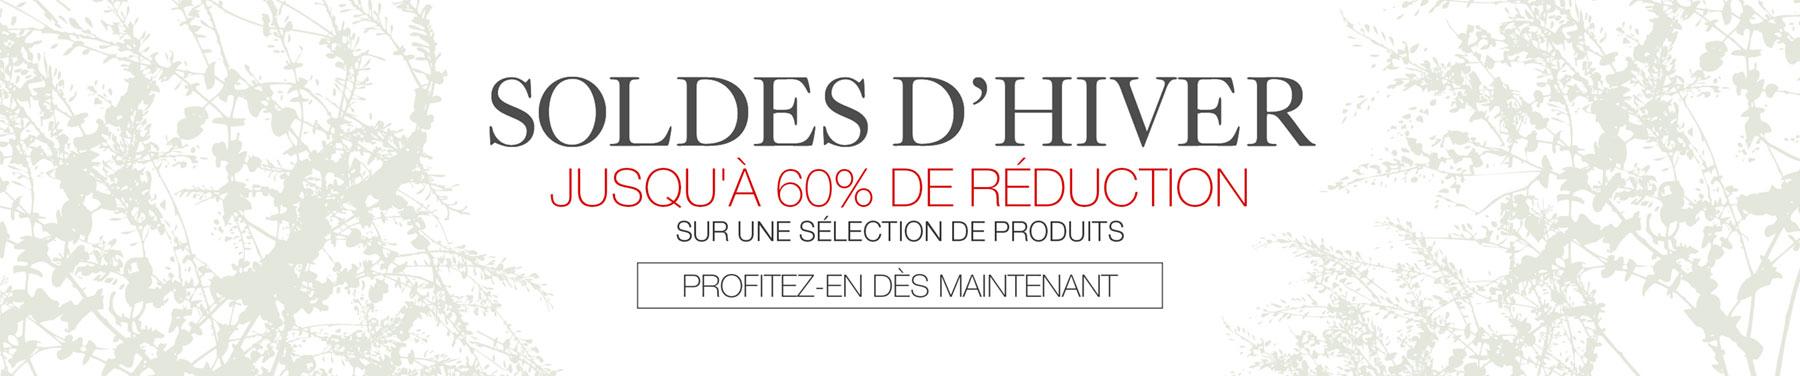 Soldes D'Hiver - Jusqu'à 60% de reduction sur une sélection de produits